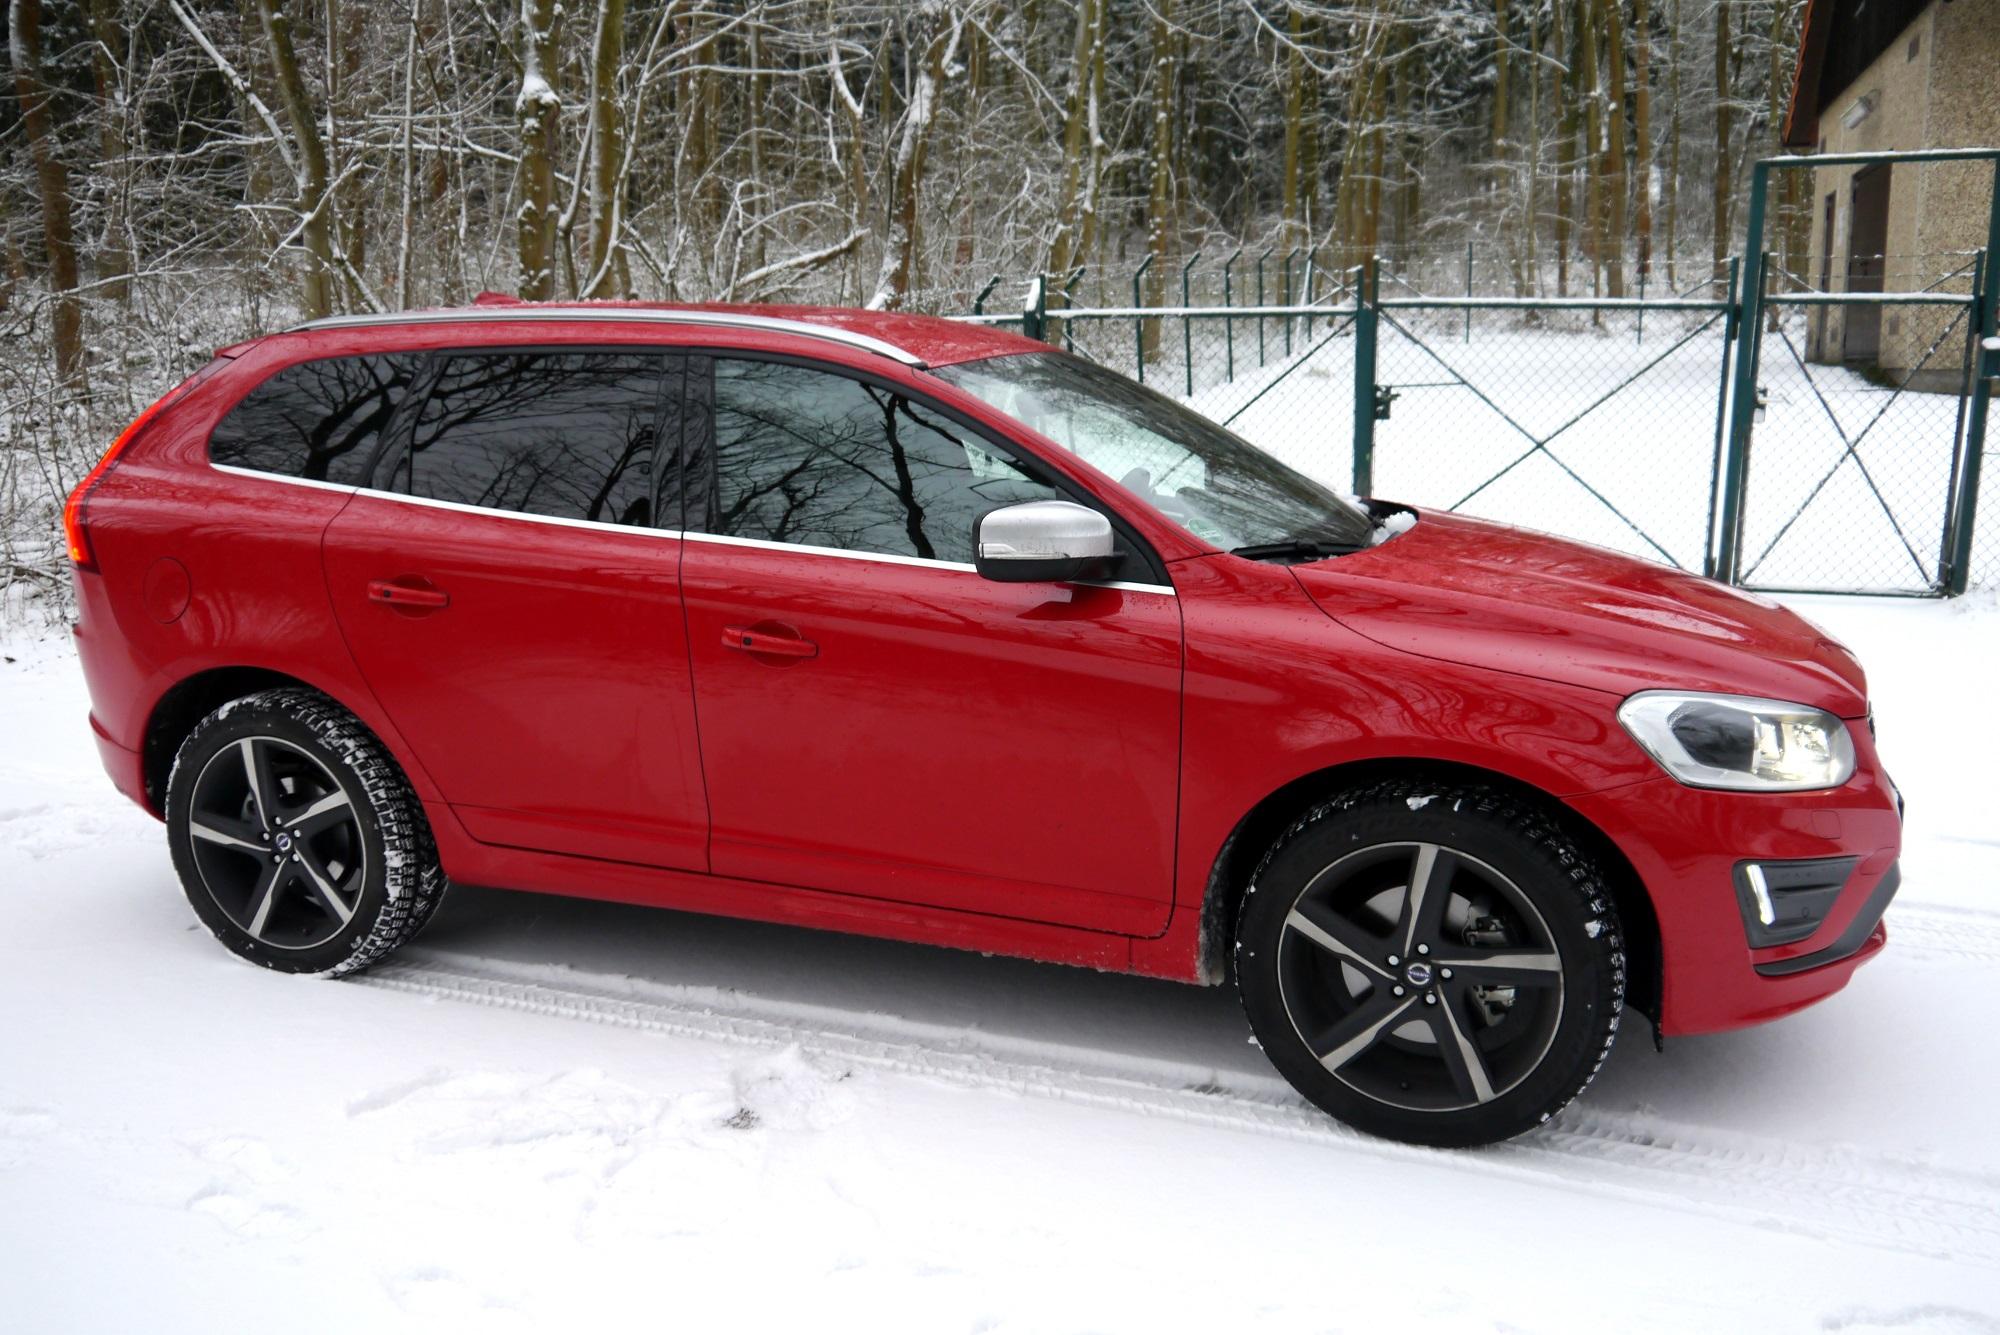 Fahrbericht Volvo Xc60 D5 Awd Das Fahrende Wohnzimmer